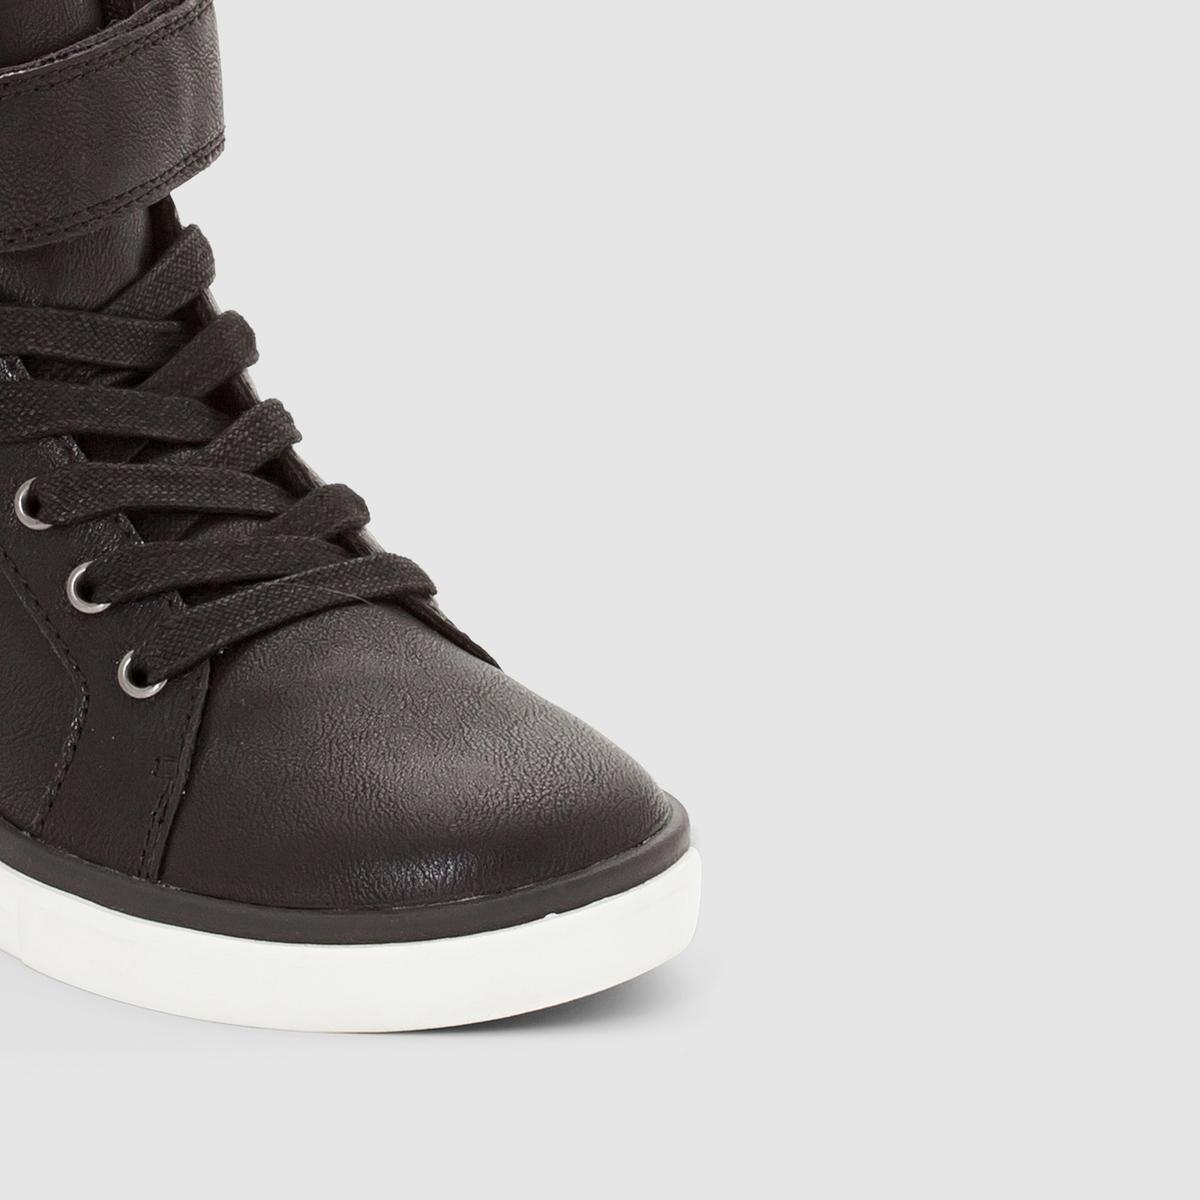 Кеды высокие на шнуровке и застежке-липучкеКеды высокие на шнуровке и застежке-липучке, abcd R .Верх: синтетика. Подкладка: текстиль.Стелька : текстиль.Подошва: эластомер.Застежка : на шнуровке и планке-велкро Красивая неотделанная кожа, большая планка-велкро и стильный дизайн : высокие кеды, которые выглядят современно !<br><br>Цвет: черный<br>Размер: 31.26.27